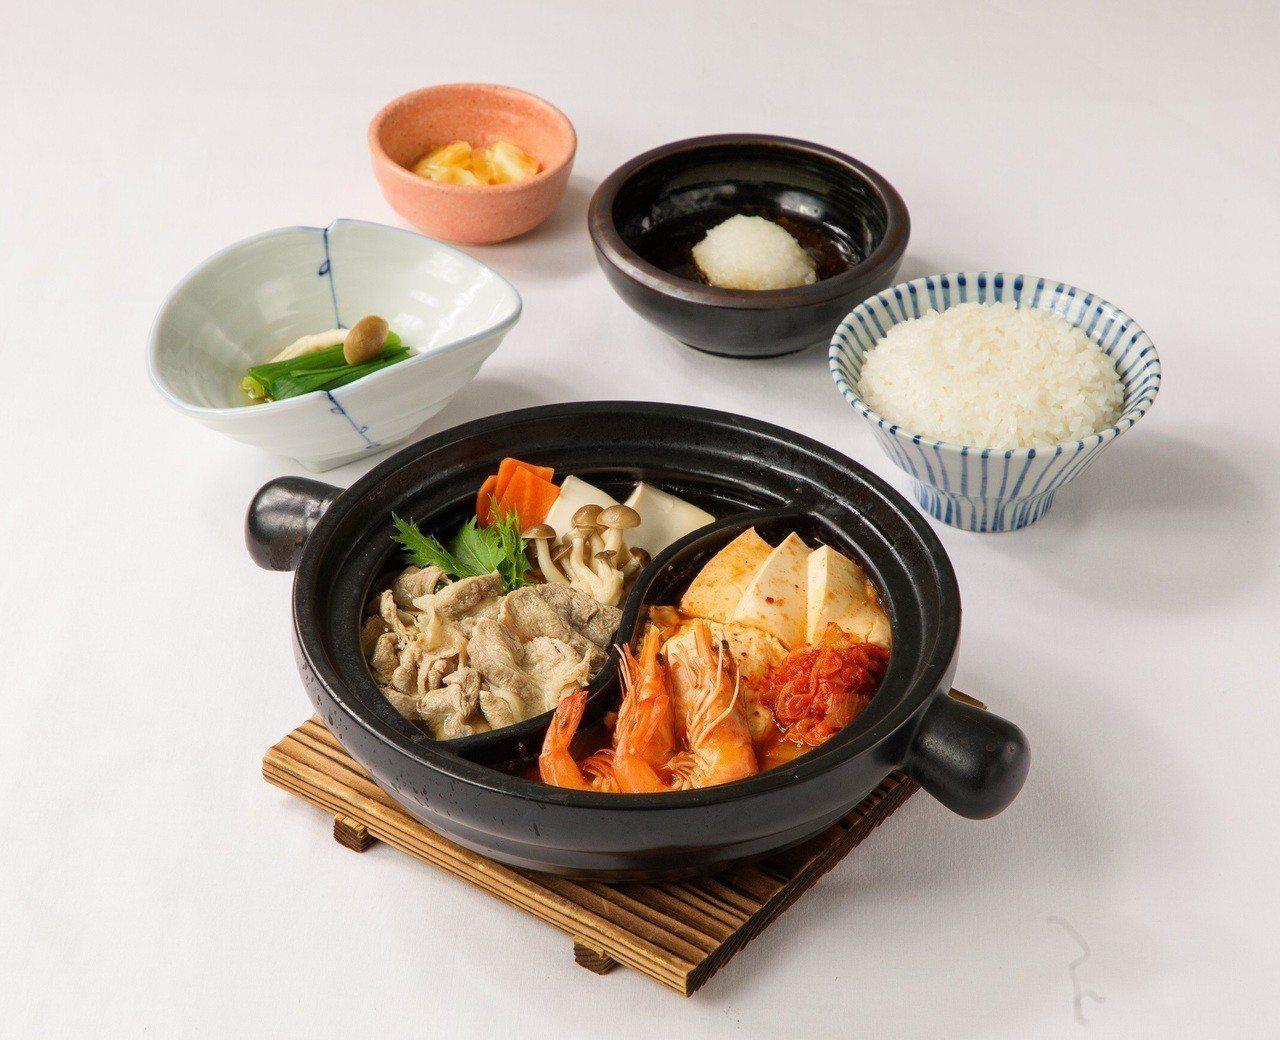 同時可品嚐野菜豬肉鍋、韓式泡菜鍋的「暖心雙味鍋」。圖/大戶屋提供